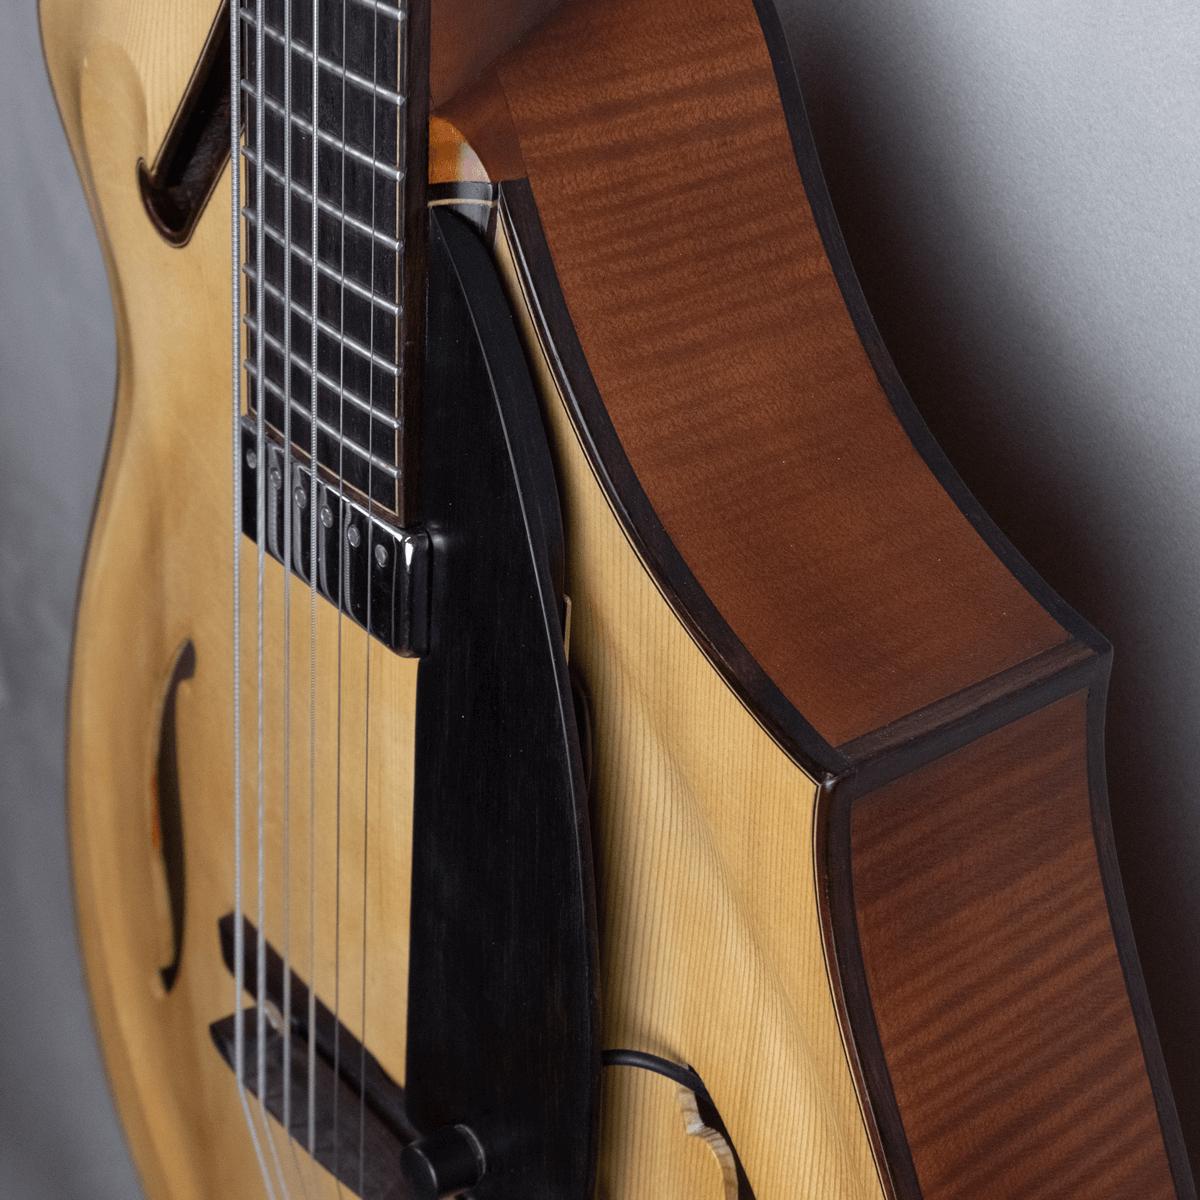 guitar jazz 5 fhole side